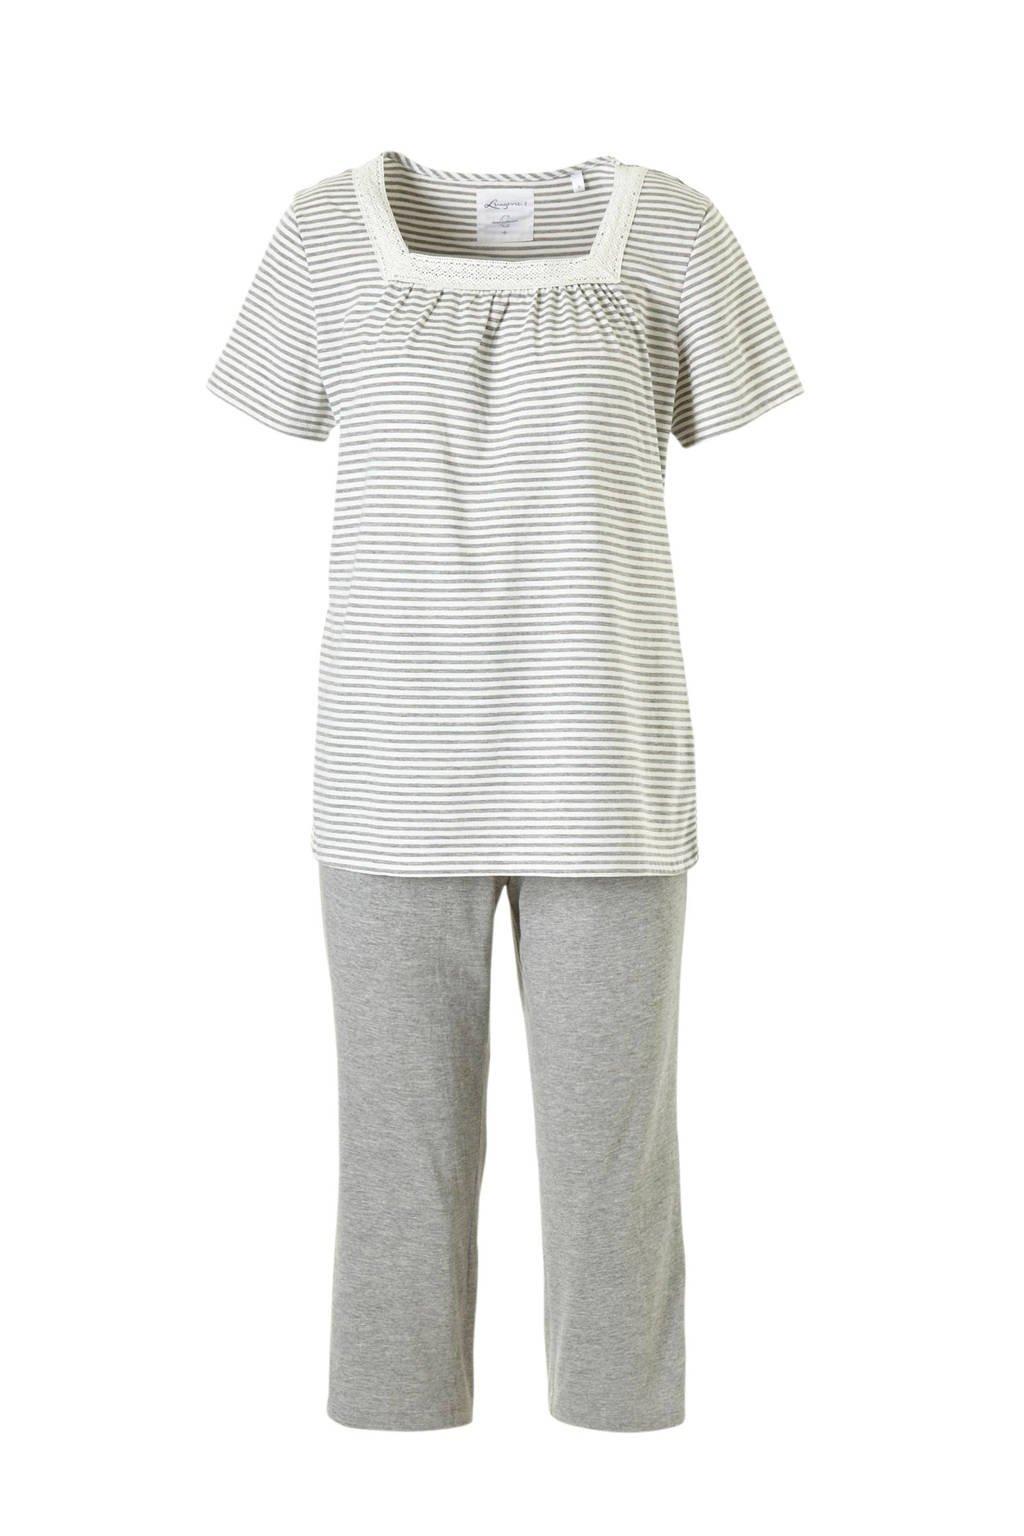 C&A pyjama grijs, Stripe9AMdGray